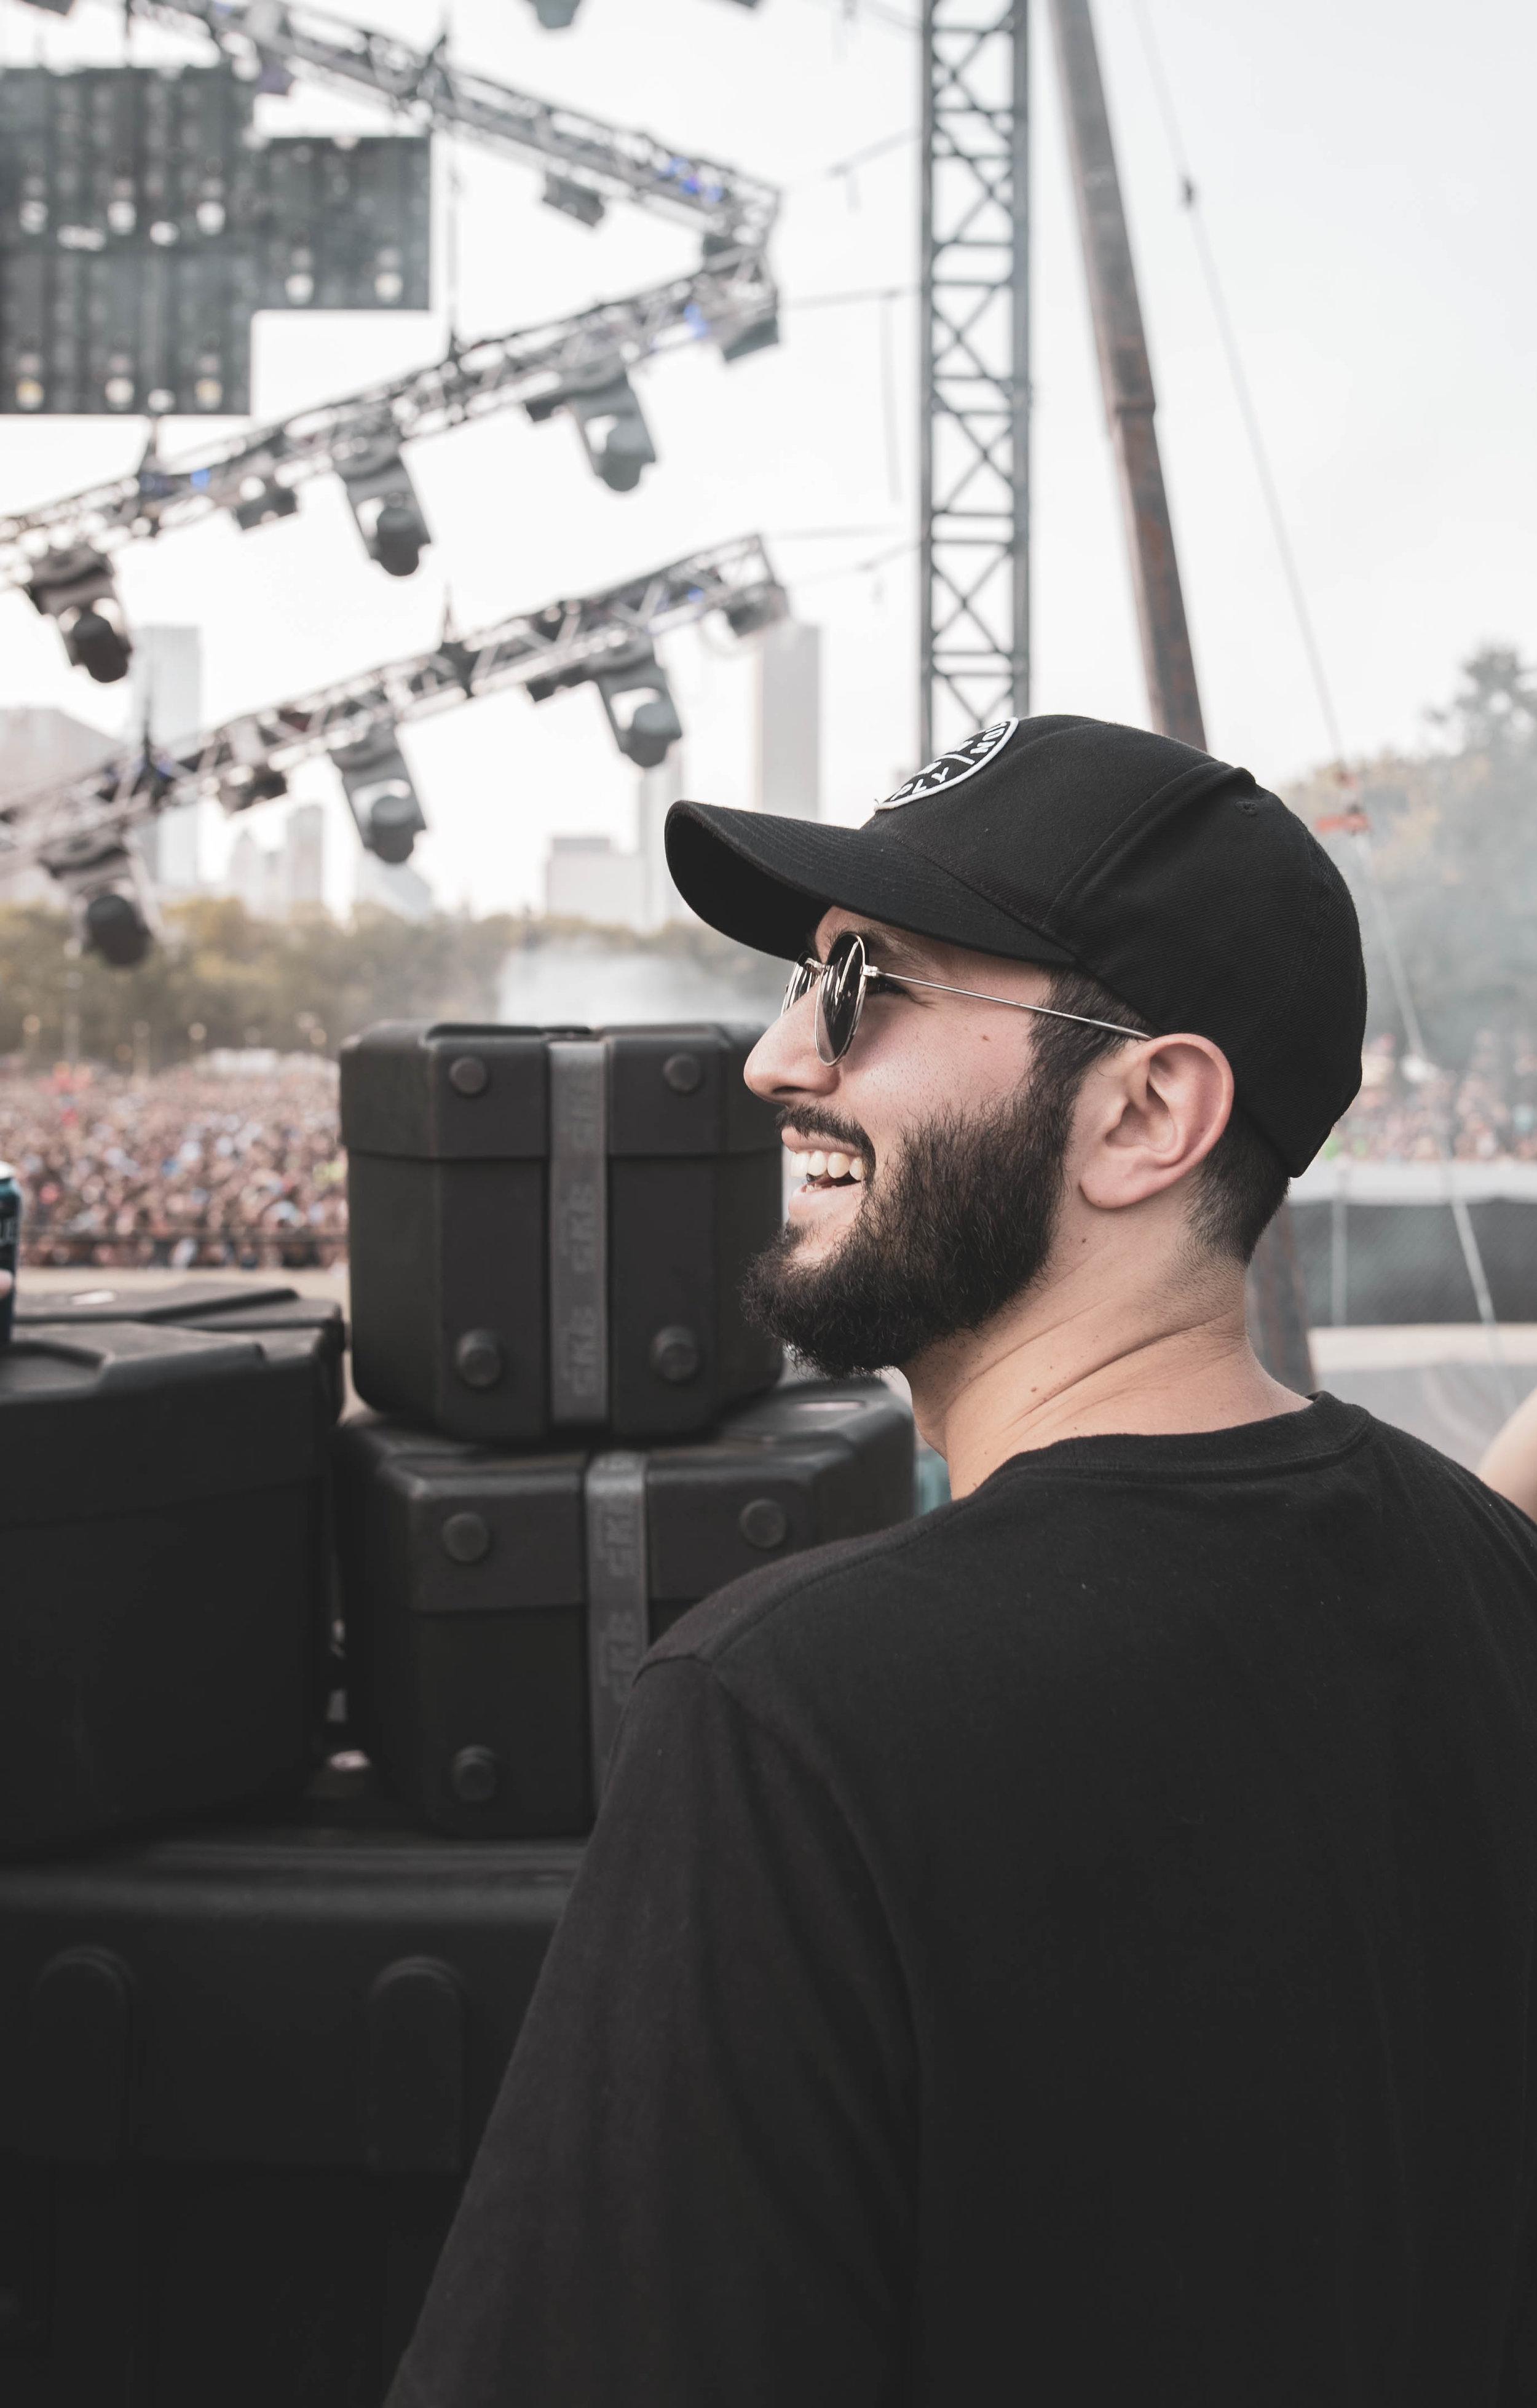 Jake West (photographer) @ Lollapalooza Chicago 2018